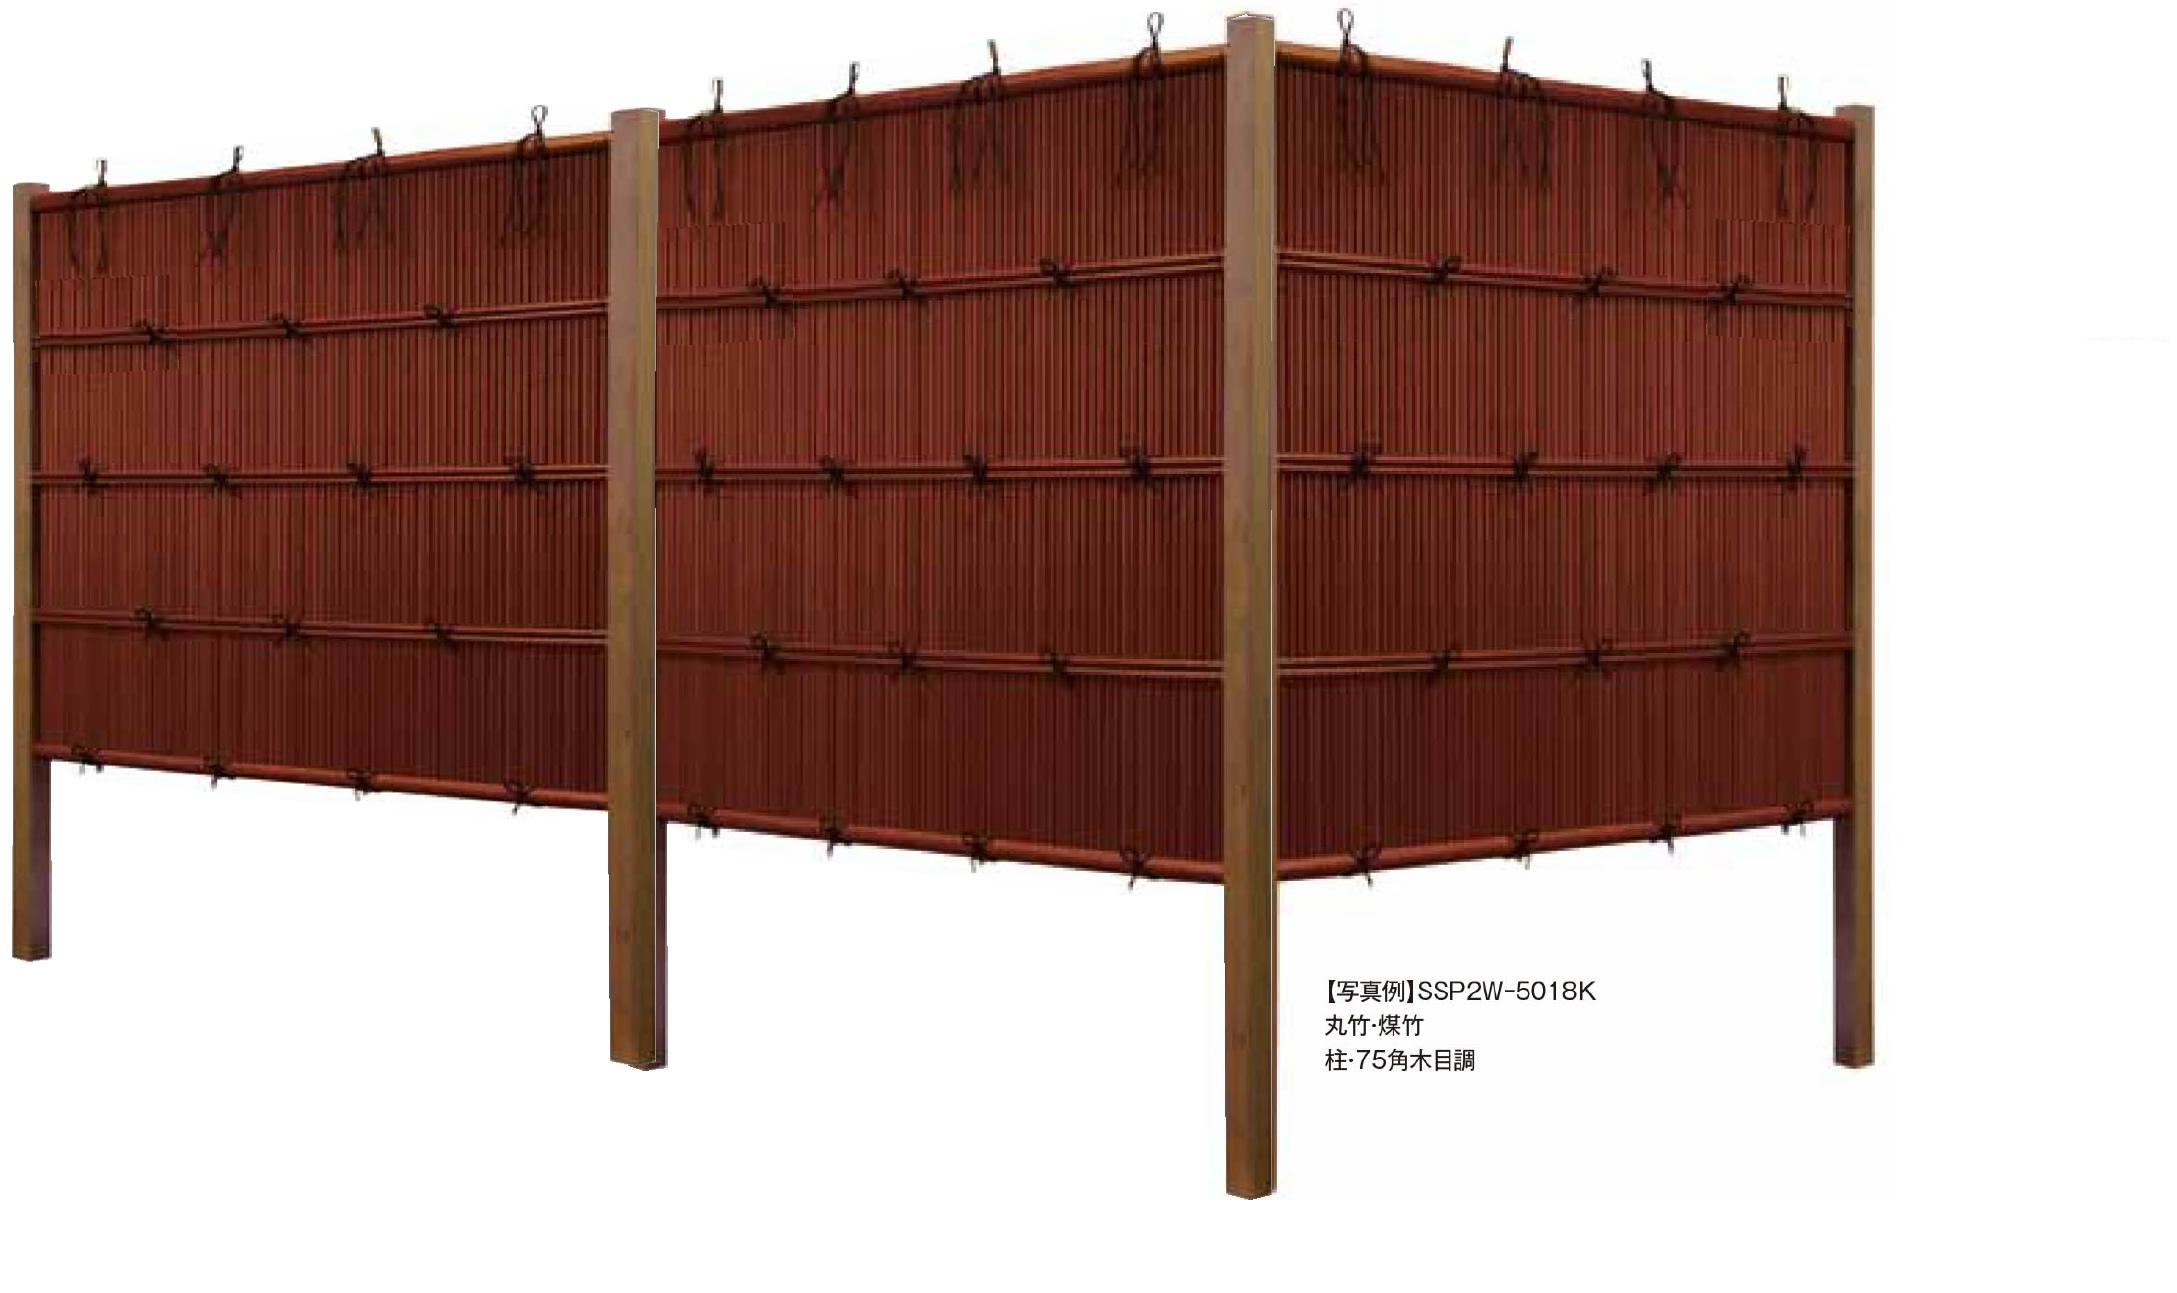 「縦みす垣P2型 両面 柱見せタイプ(すす竹木目調角柱)」